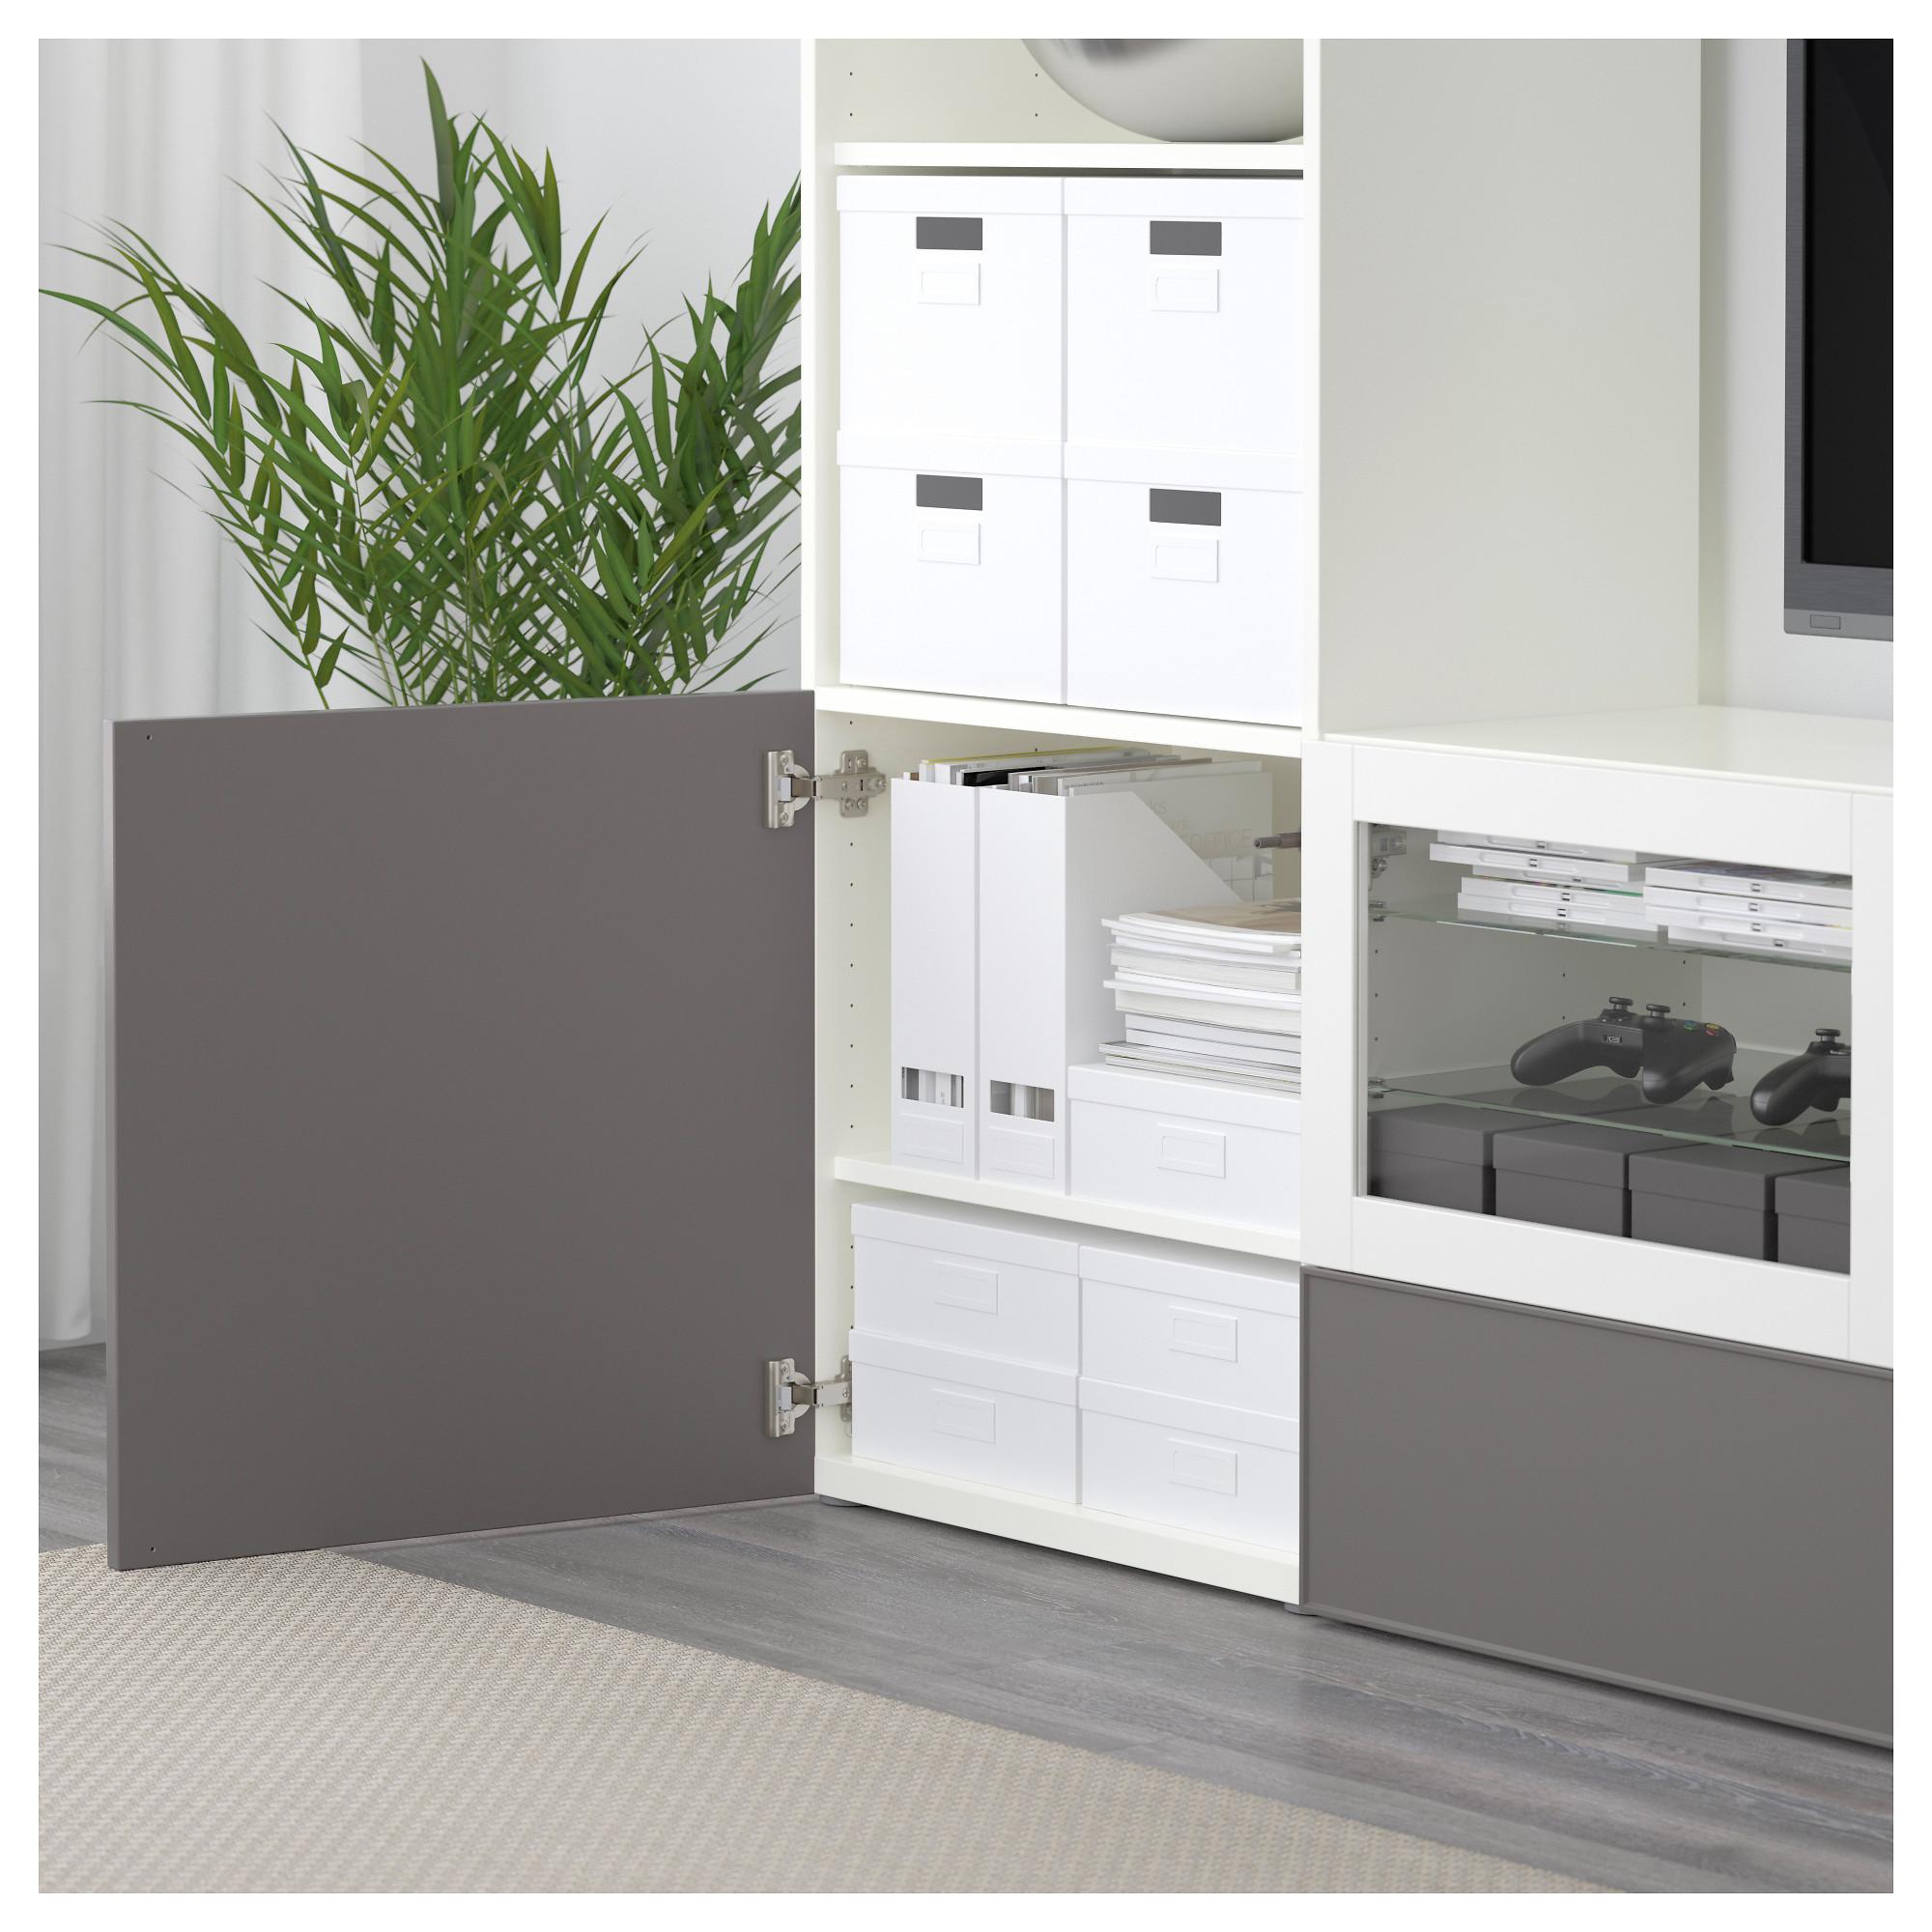 Шкаф для ТВ, комбинированный, стекляные дверцы БЕСТО артикуль № 192.501.88 в наличии. Интернет сайт IKEA Минск. Быстрая доставка и соборка.